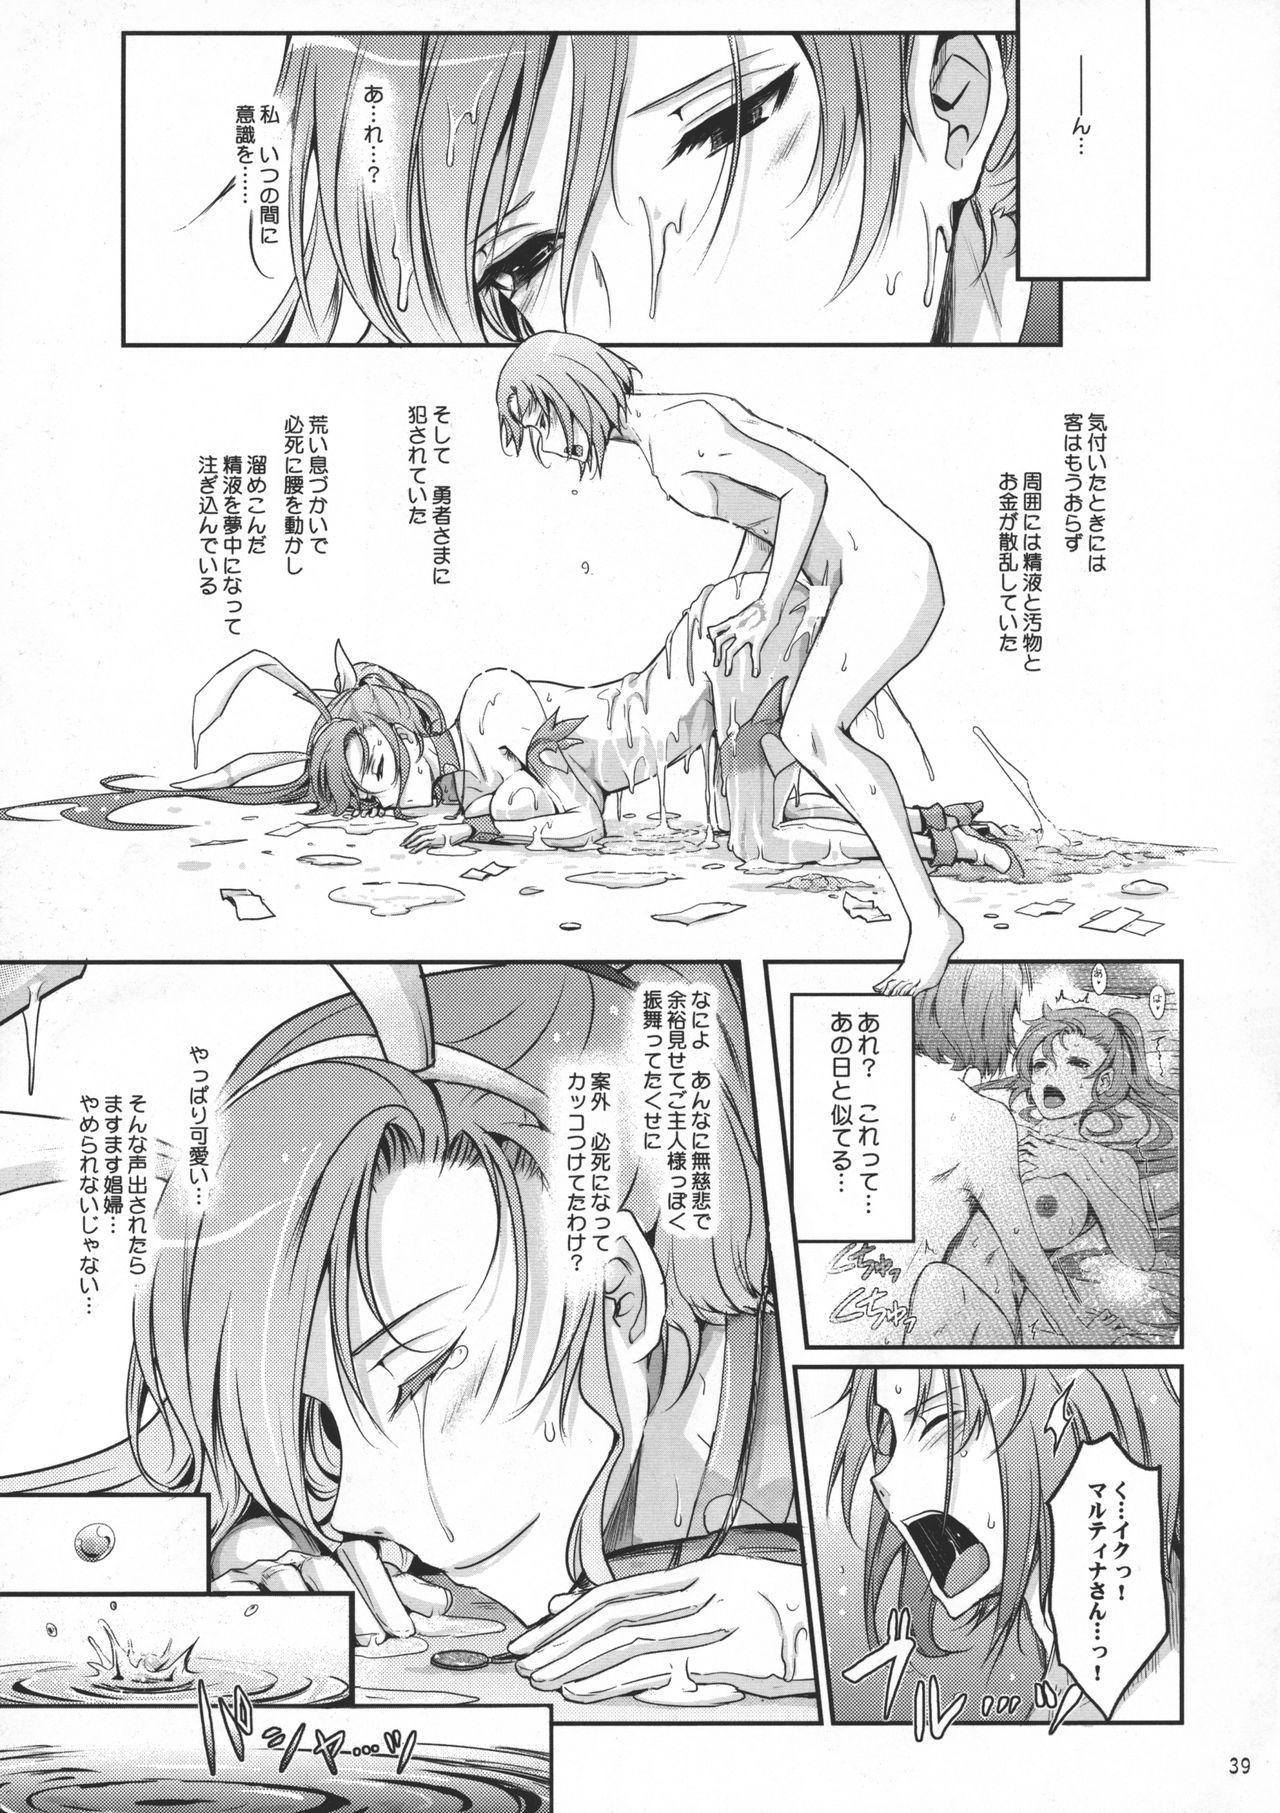 Kare ga Watashi o Katta Wake II 39